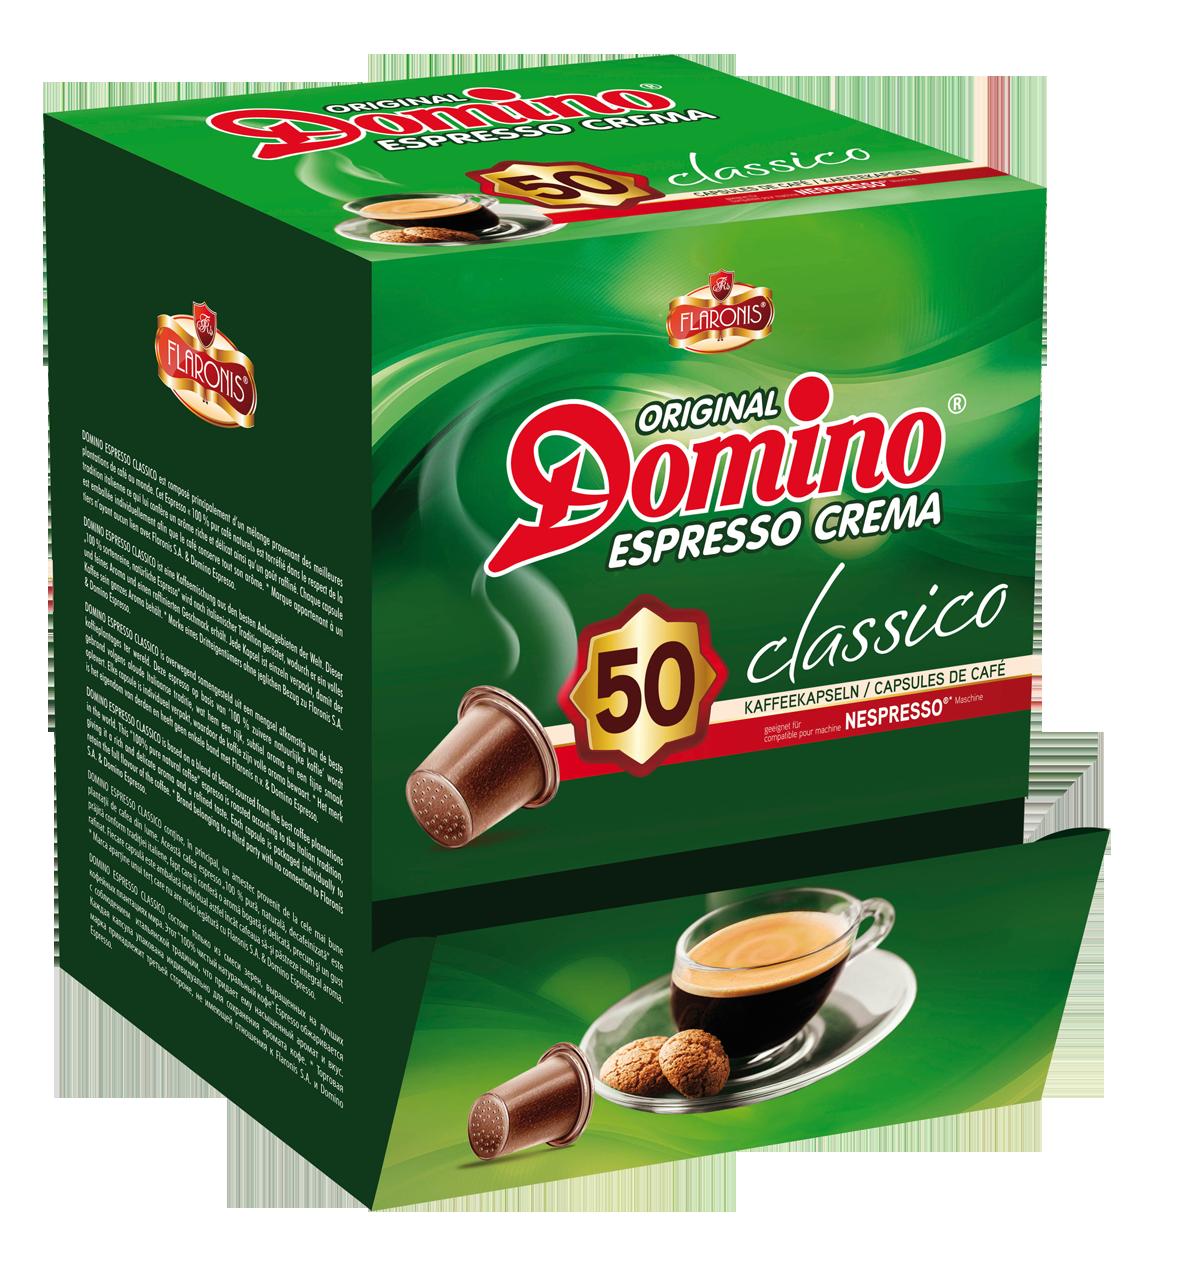 415---Domino_50_Capsules_Classico2.png